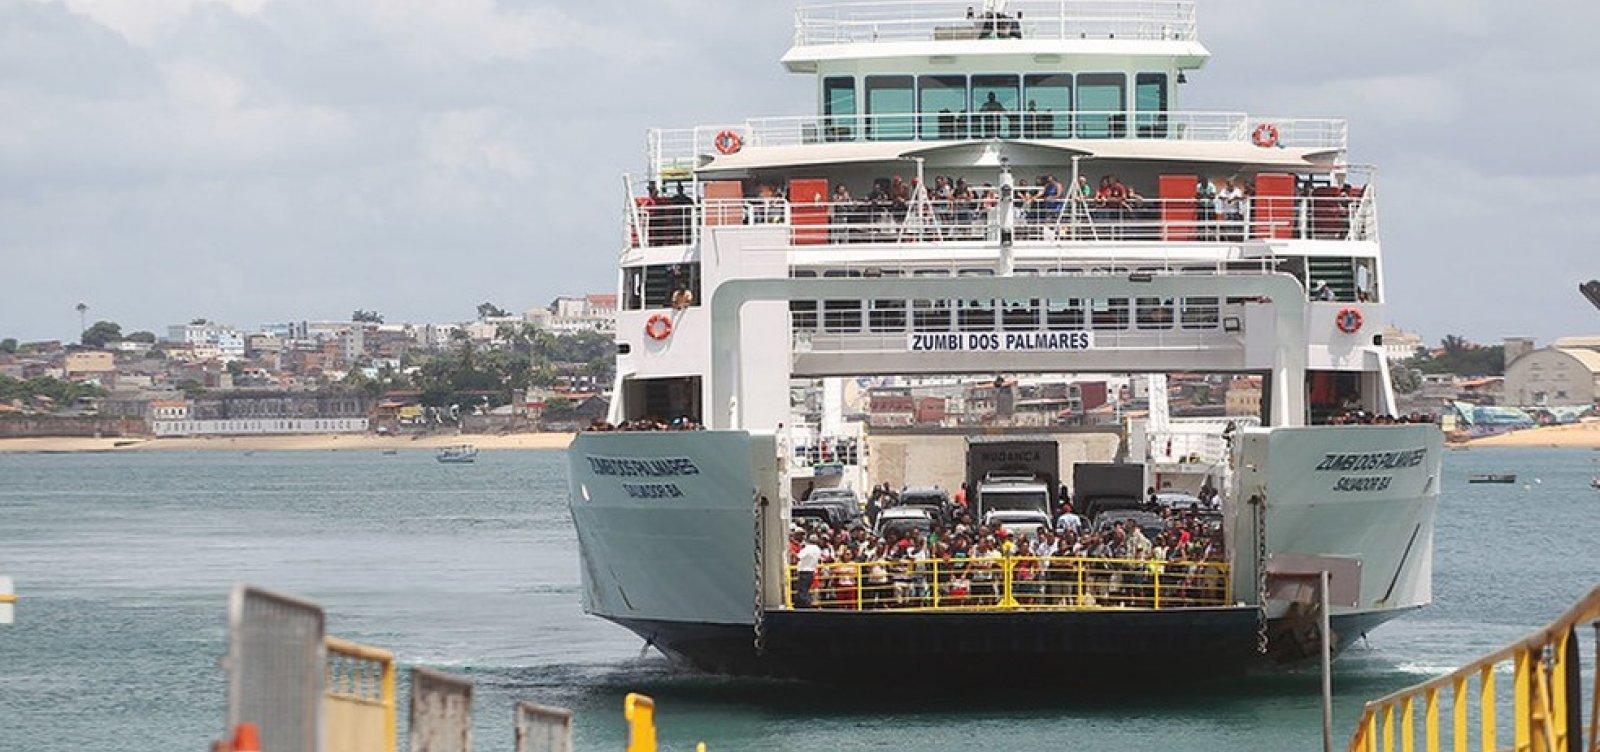 [Após prorrogação das medidas restritivas, travessias de ferry boat estão suspensas na Bahia]